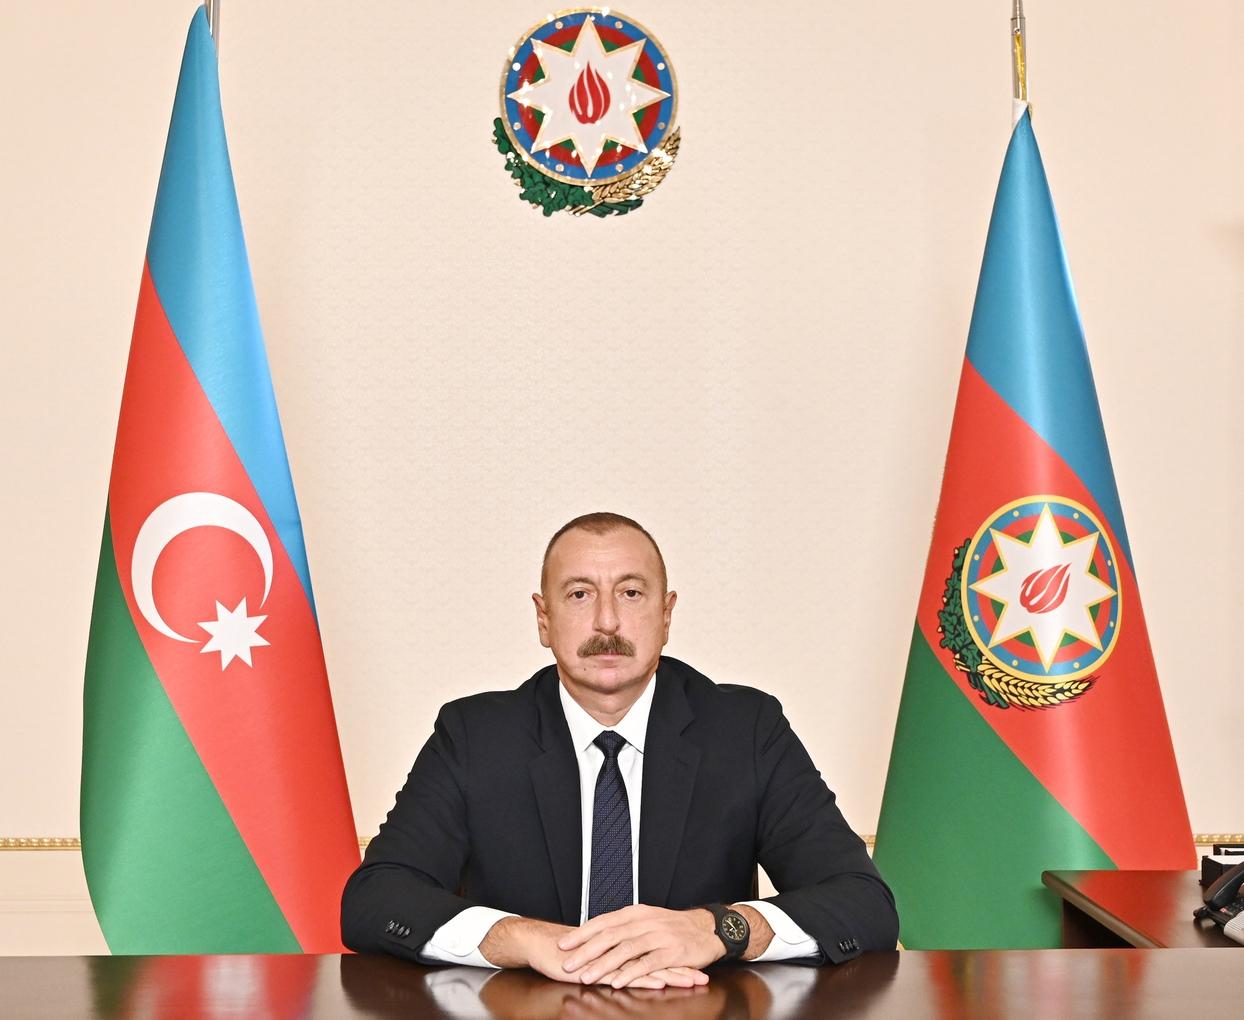 Prezident İlham Əliyev 2021-ci il 15 oktyabr tarixində keçirilmiş Müstəqil Dövlətlər Birliyinin Dövlət Başçıları Şurasının iclasında çıxış etdi